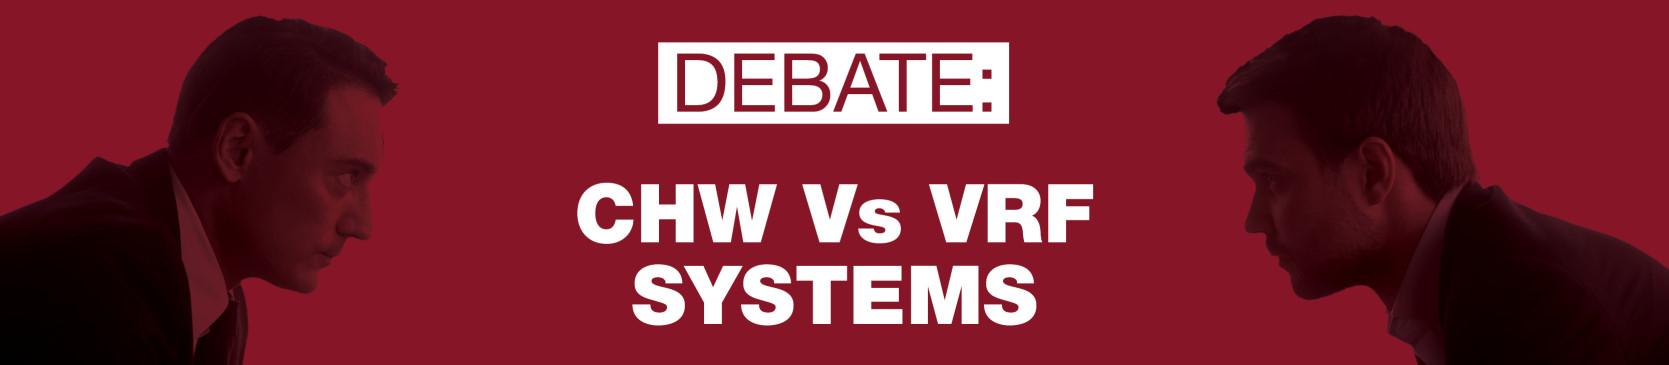 Debate - CHW v/s VRF